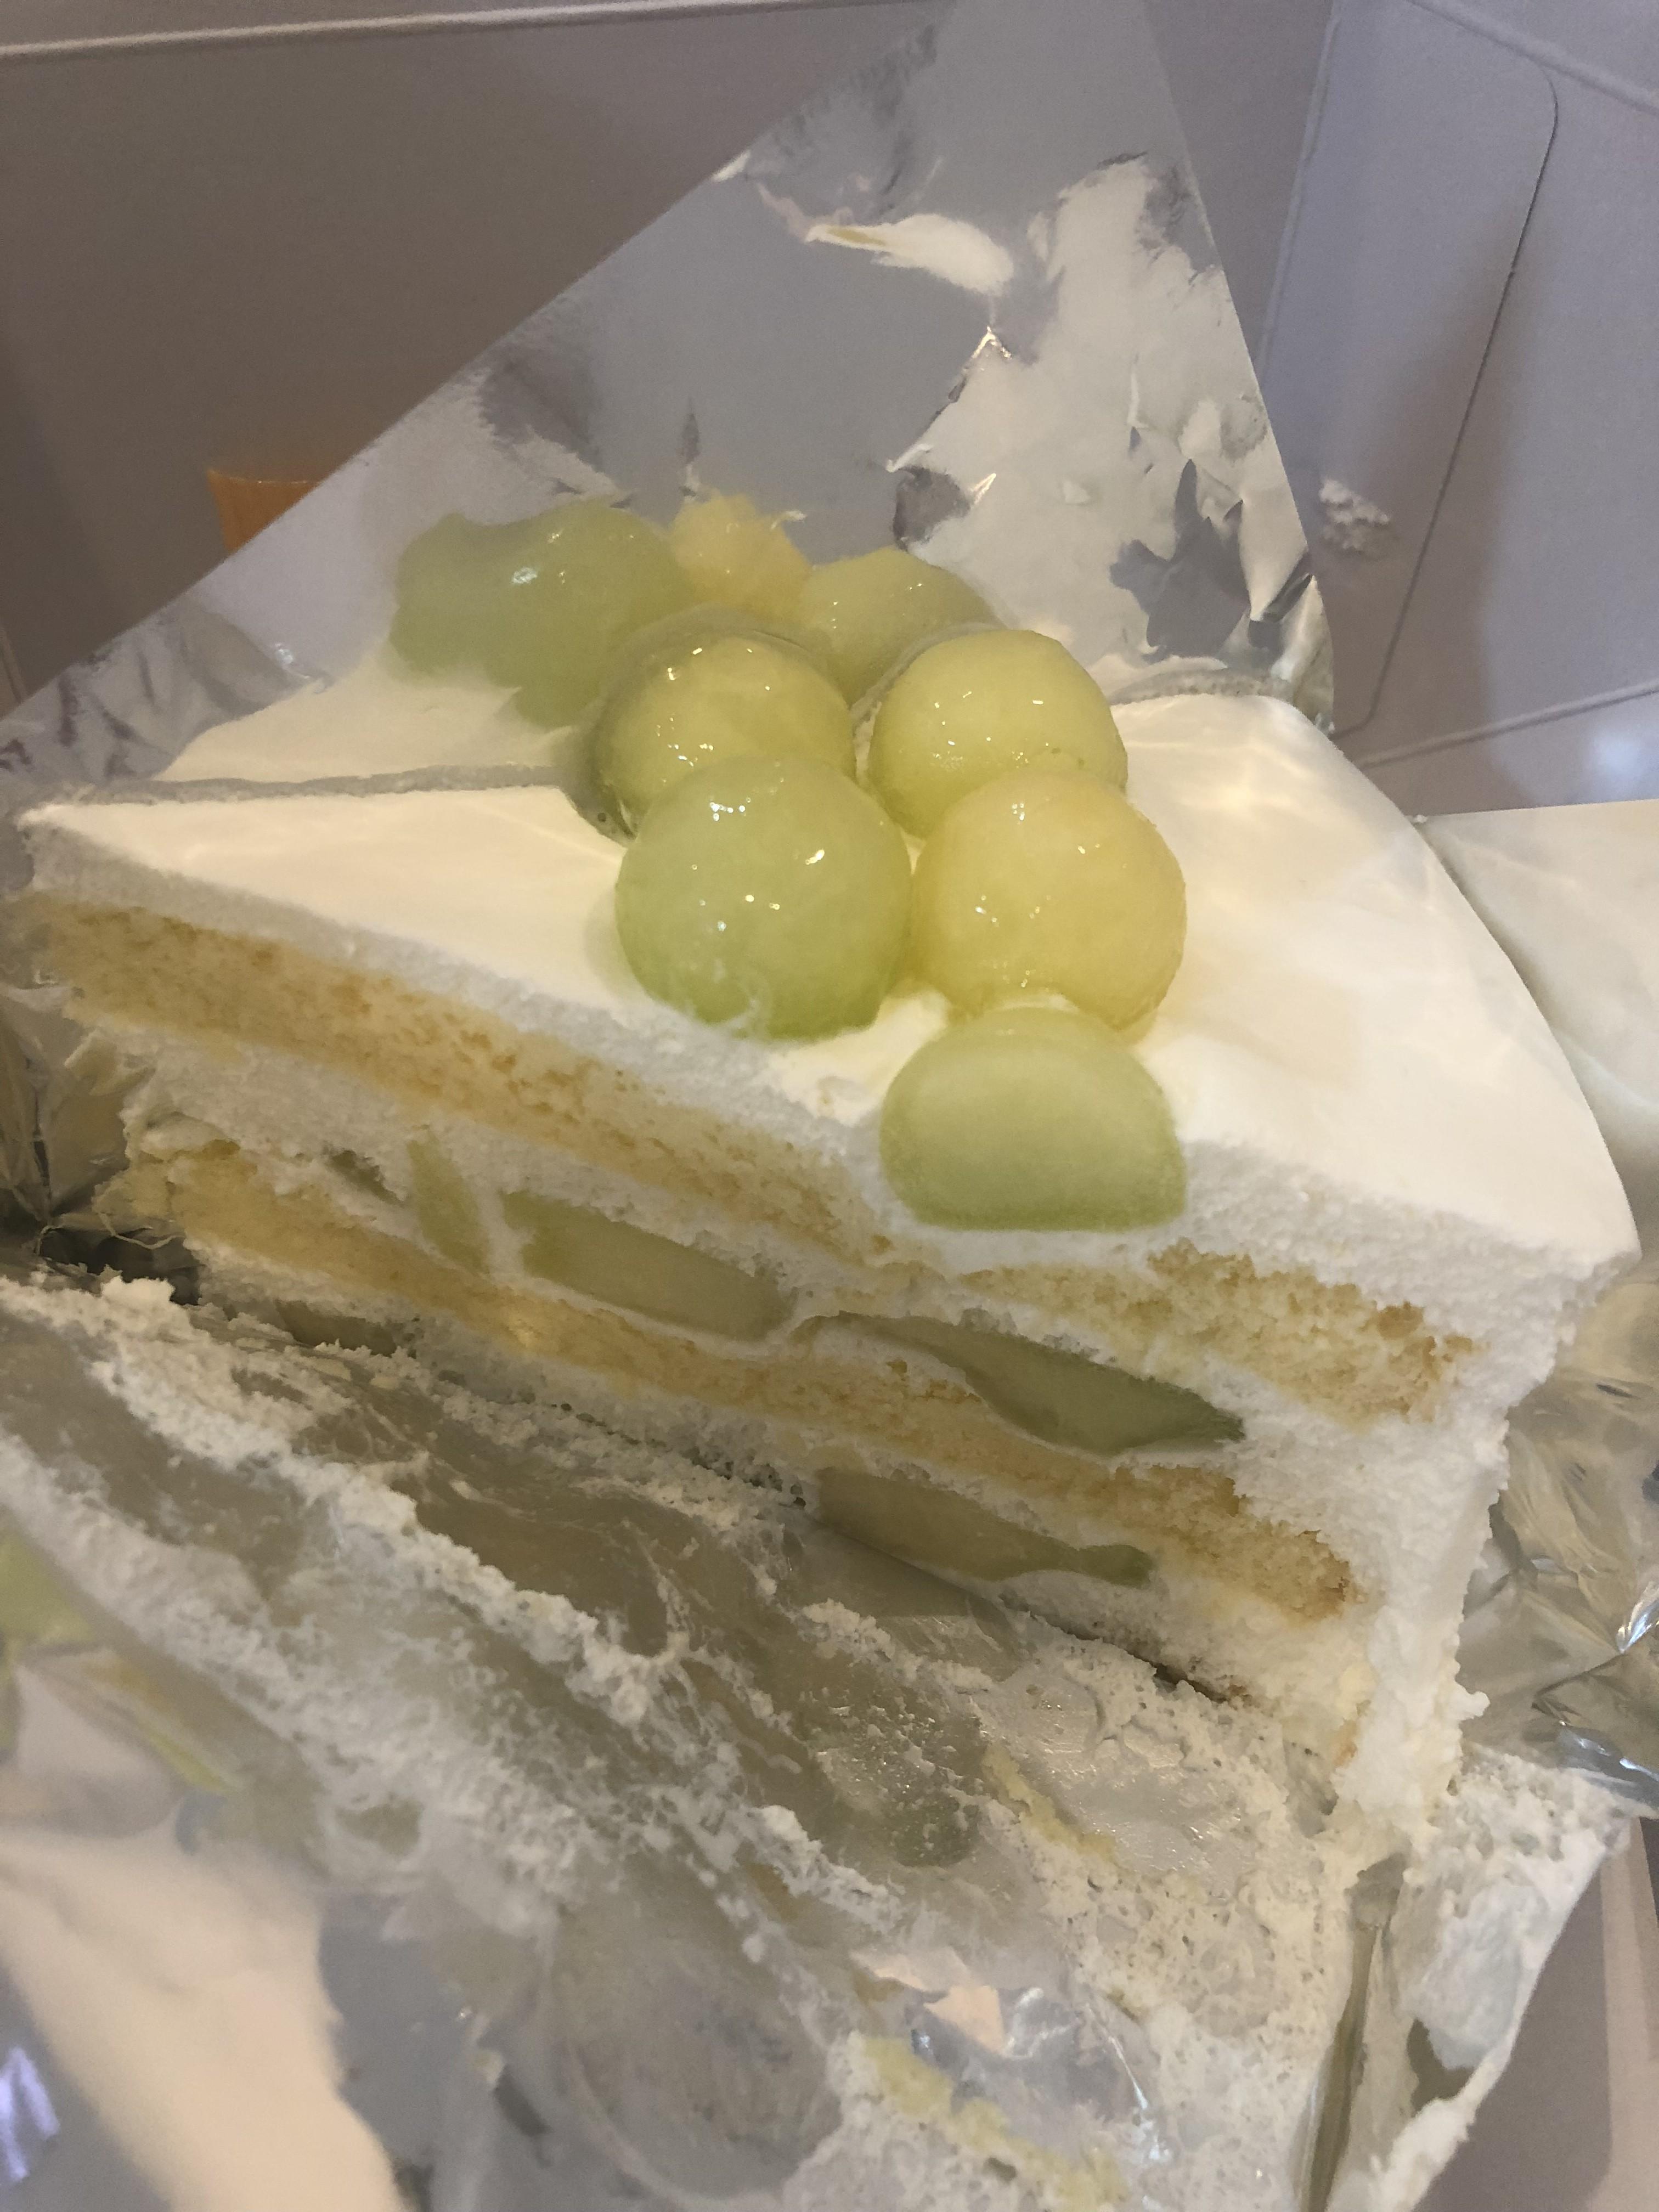 ハーブスのケーキ(*^ω^*)